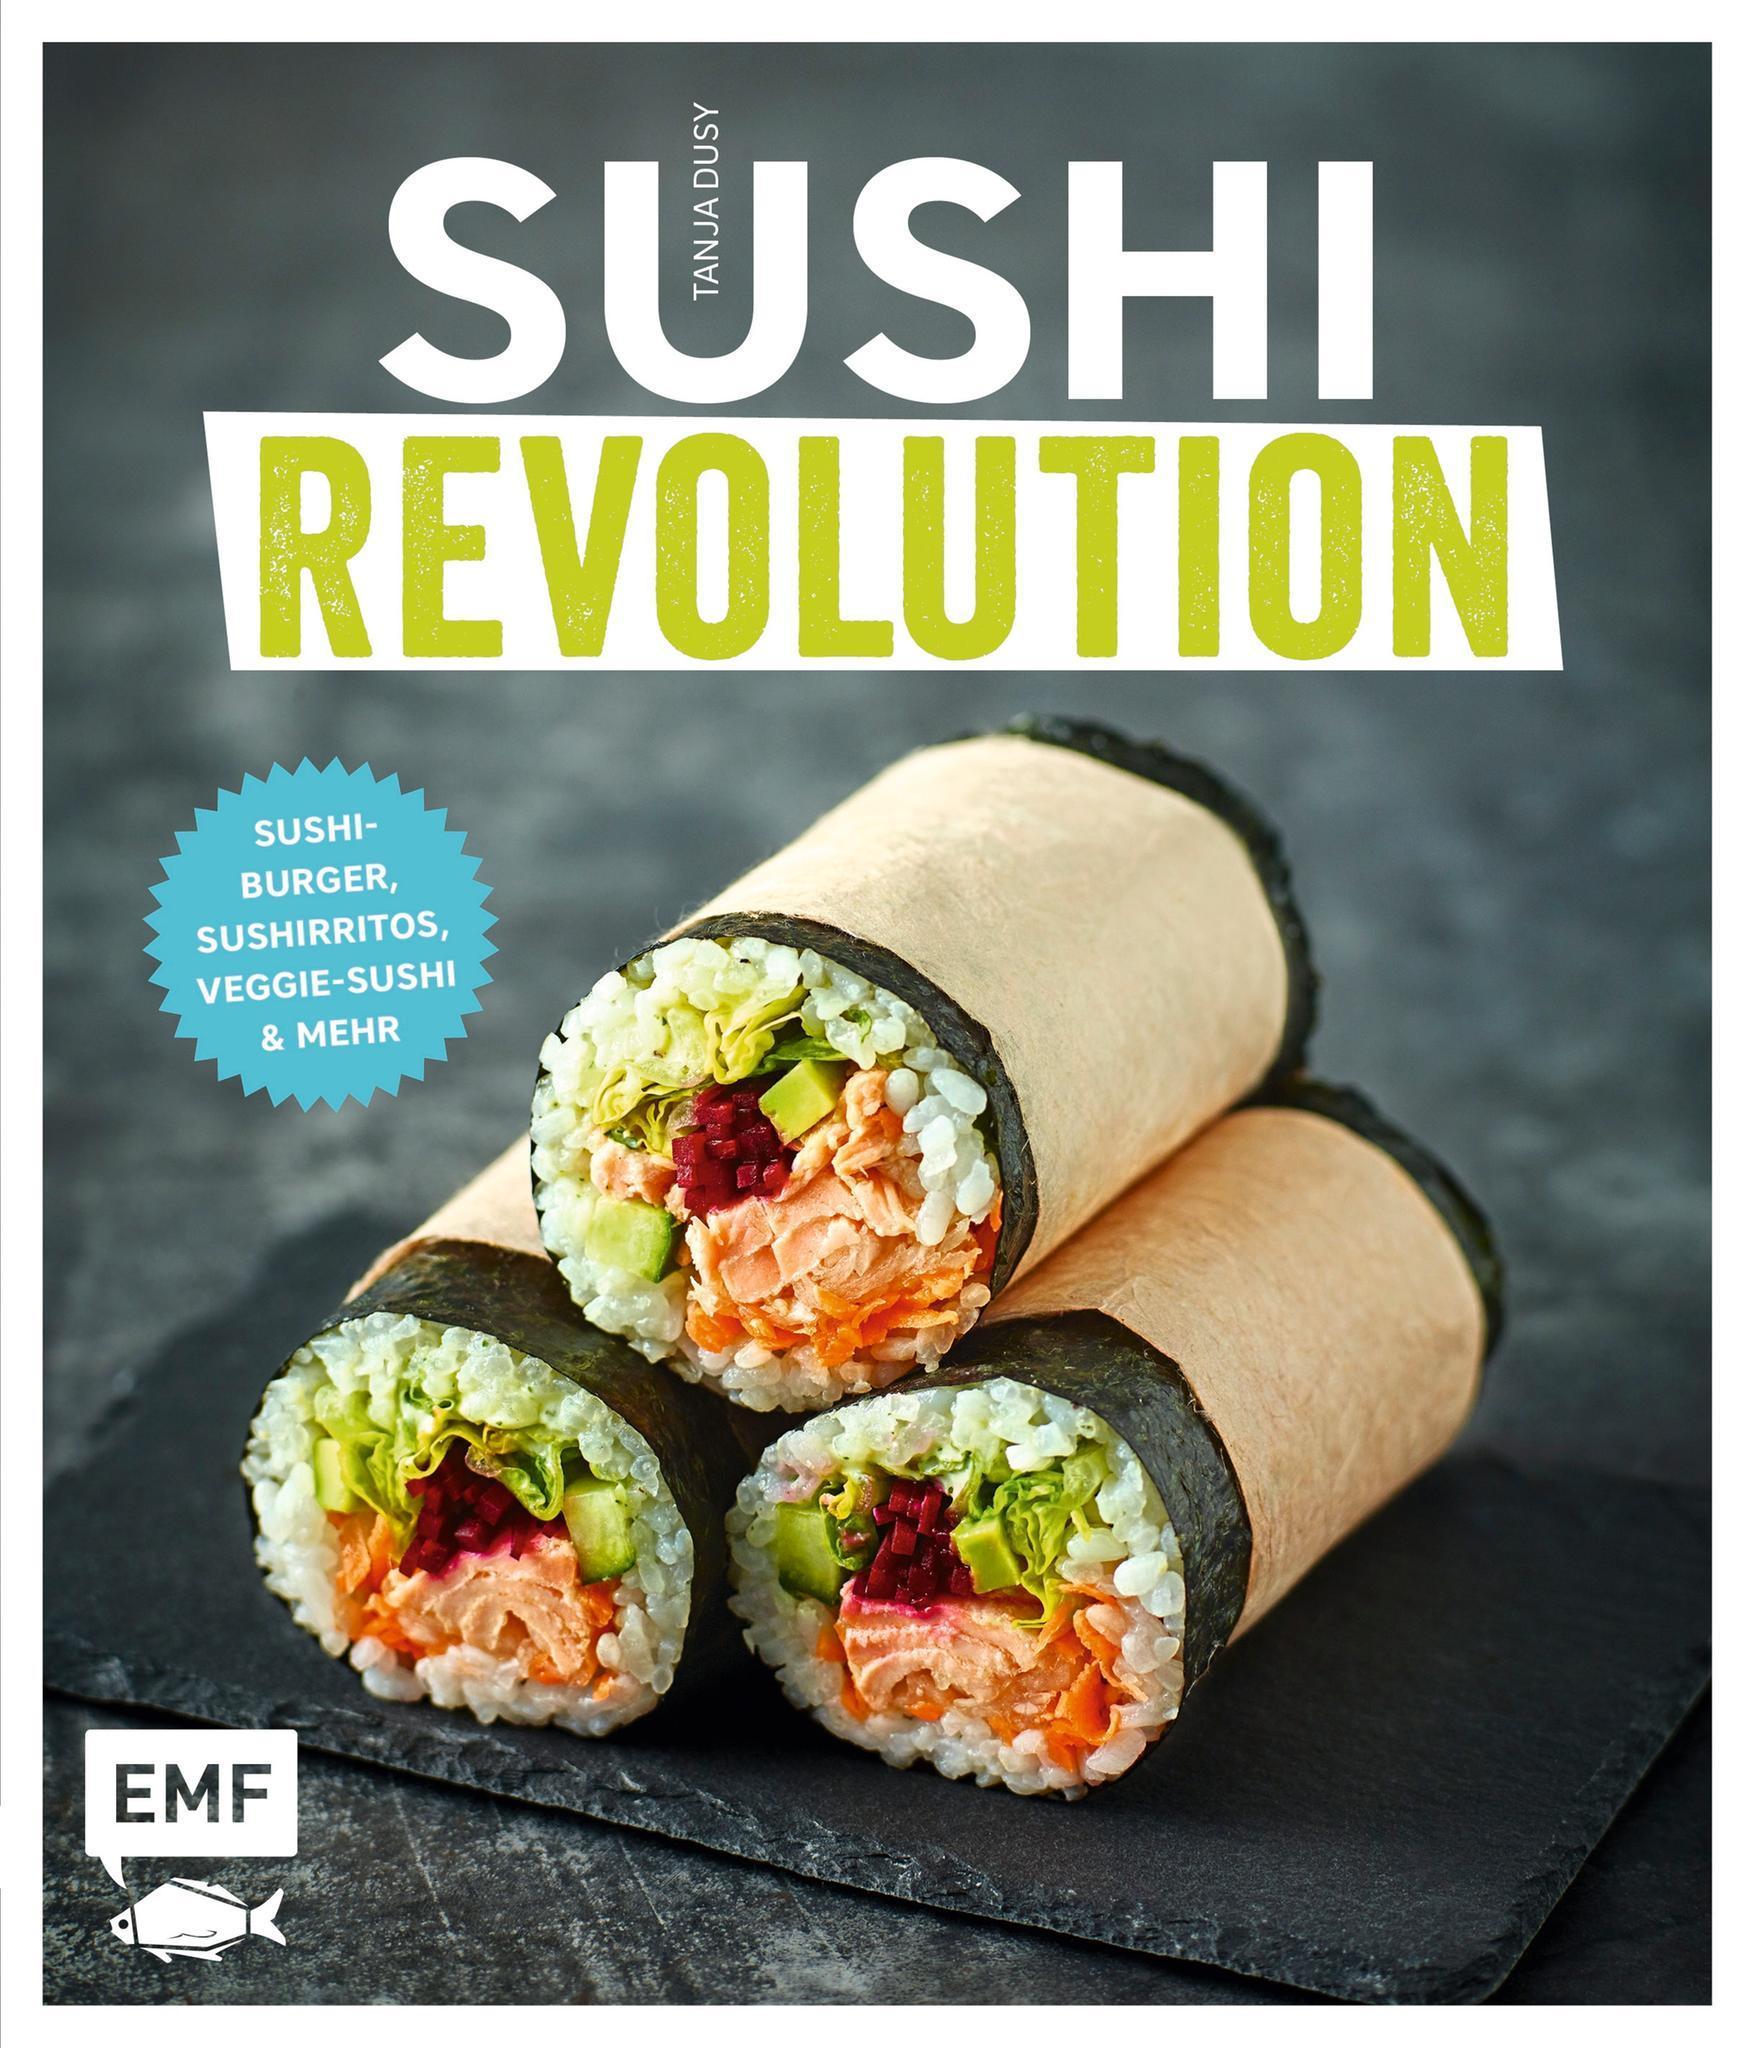 """Ob als Burger oder Burrito: Tanja Dusys 50 neu interpretierte Sushi-Spezialitäten bieten auch für eingefleischte Japan-Fans Überraschendes. Bebilderte Anleitungen und Grundrezepte sorgen dafür, dass auch Anfängern diese ausgefallenen Kreationen gelingen. (""""Sushi Revolution"""", EMF Verlag, 144 S., 19,99 Euro)"""